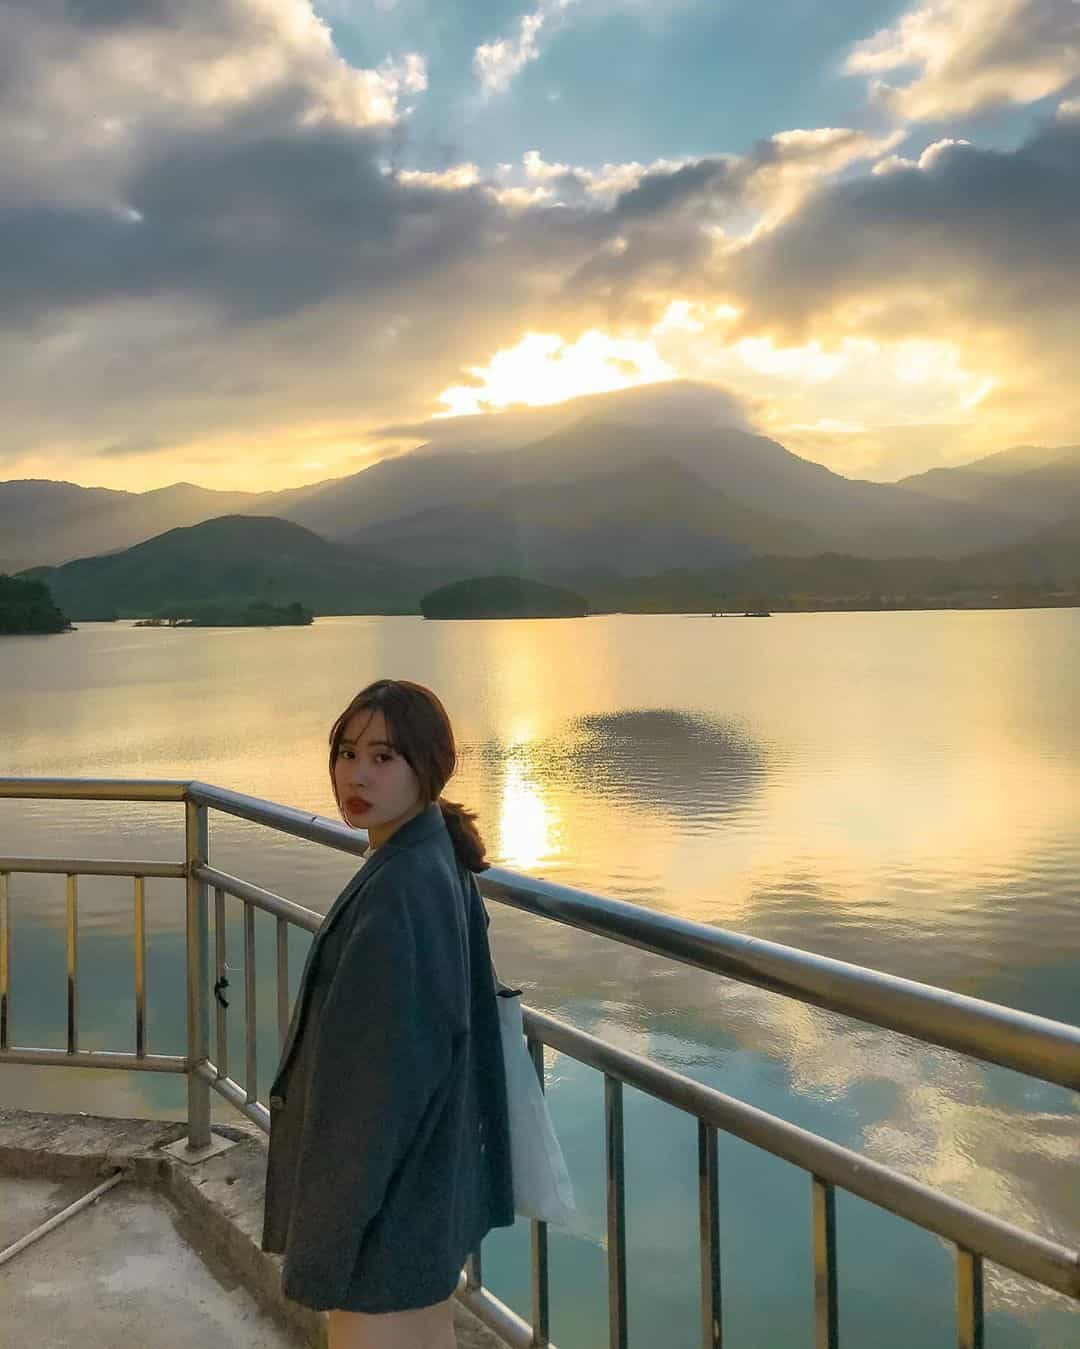 Hoàng hôn ở hồ Hòa Trung. Hình: @lu.filmm